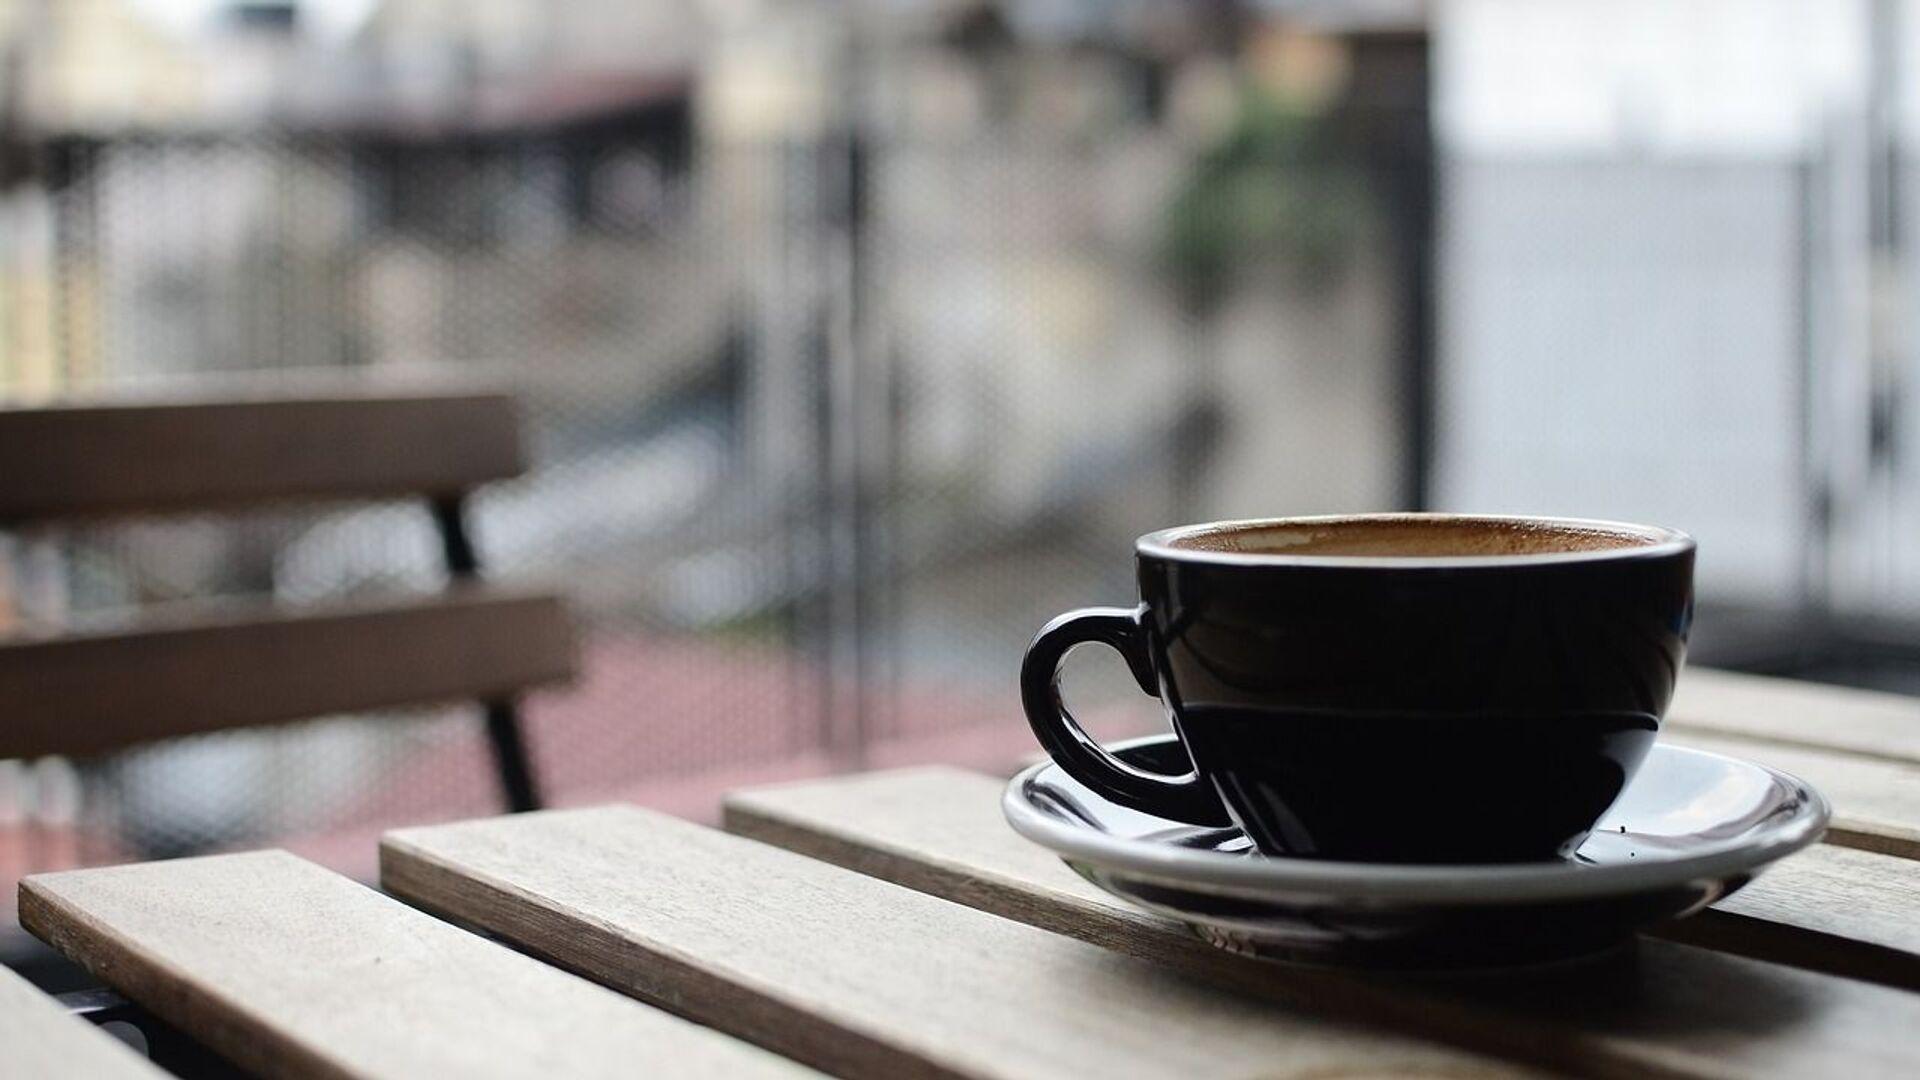 Καφές.  - Sputnik Ελλάδα, 1920, 06.09.2021